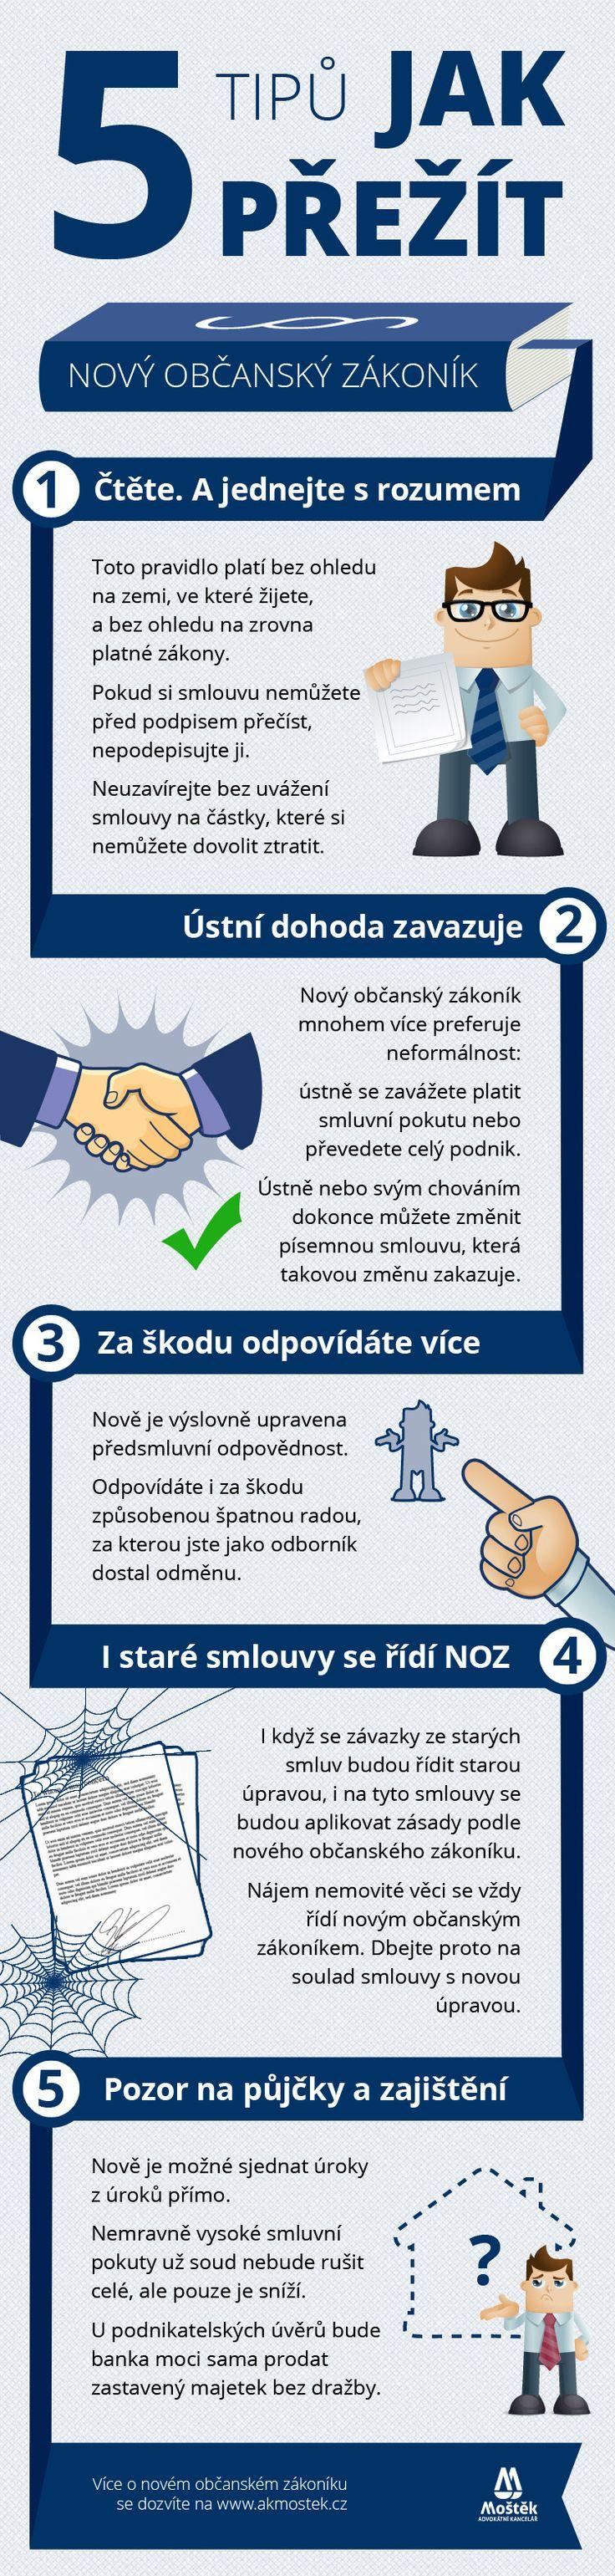 Infografika: 5 tipů, jak přežít nový občanský zákoník.